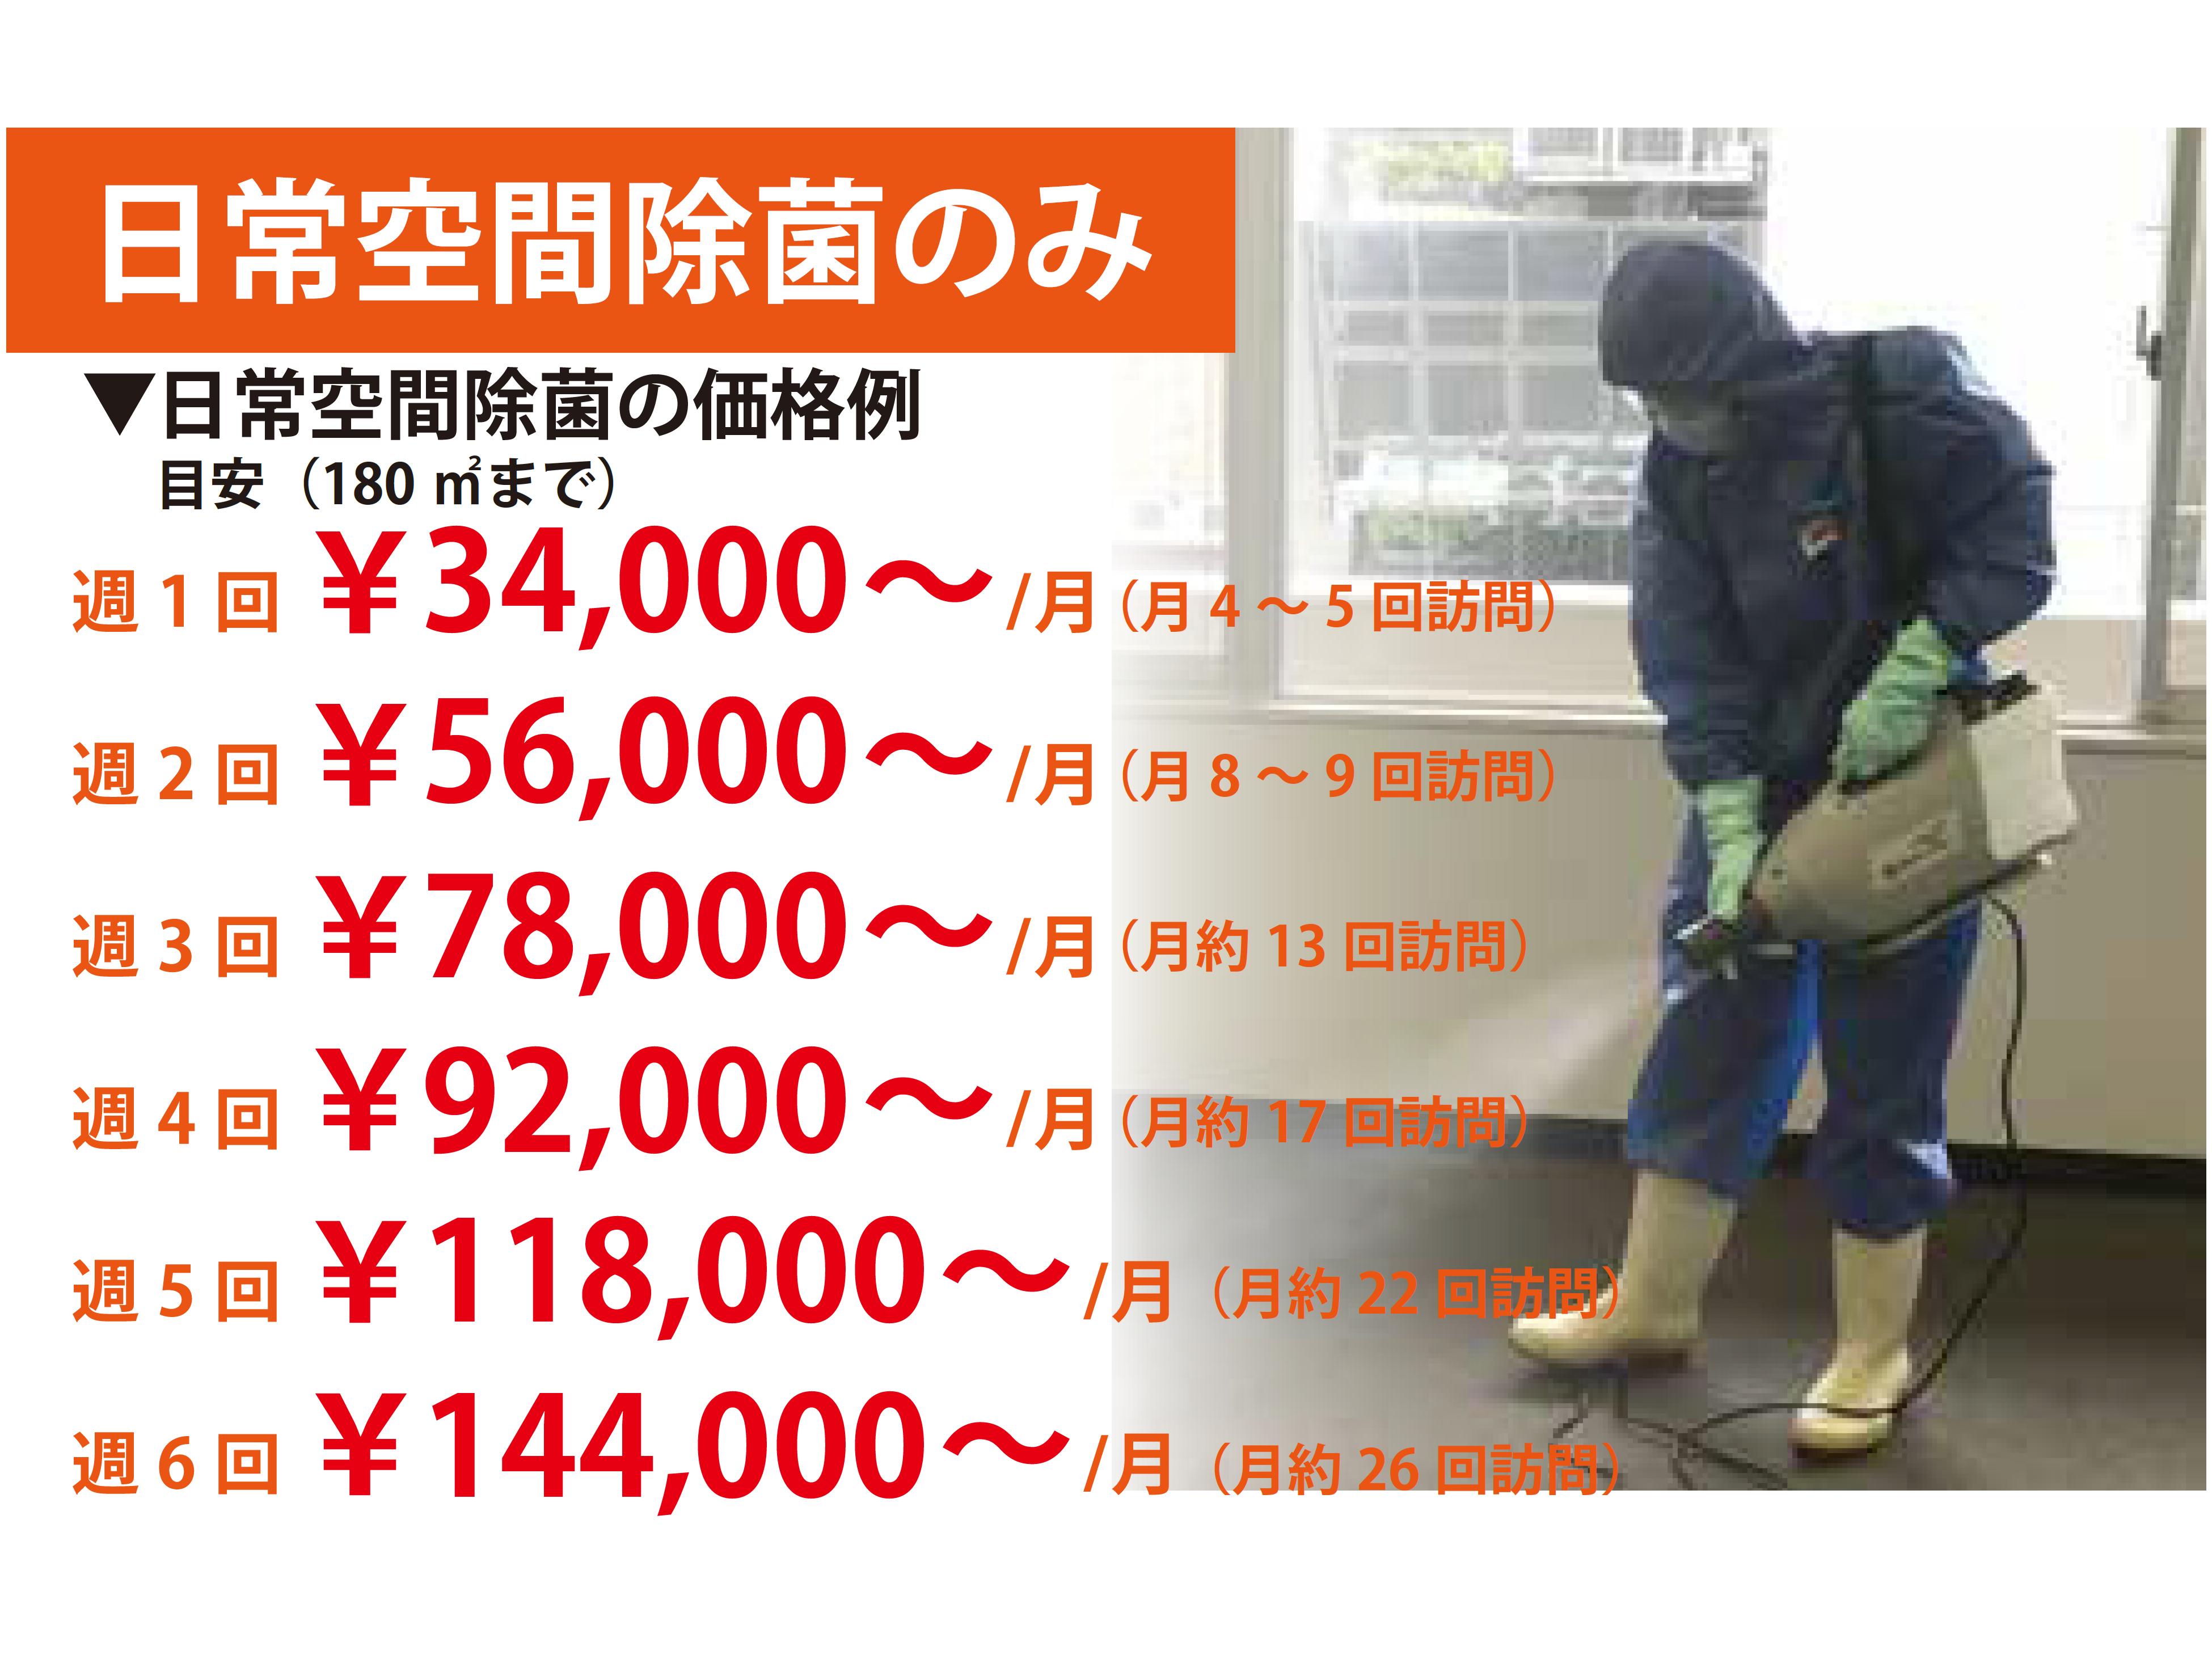 日常空間除菌のみの価格